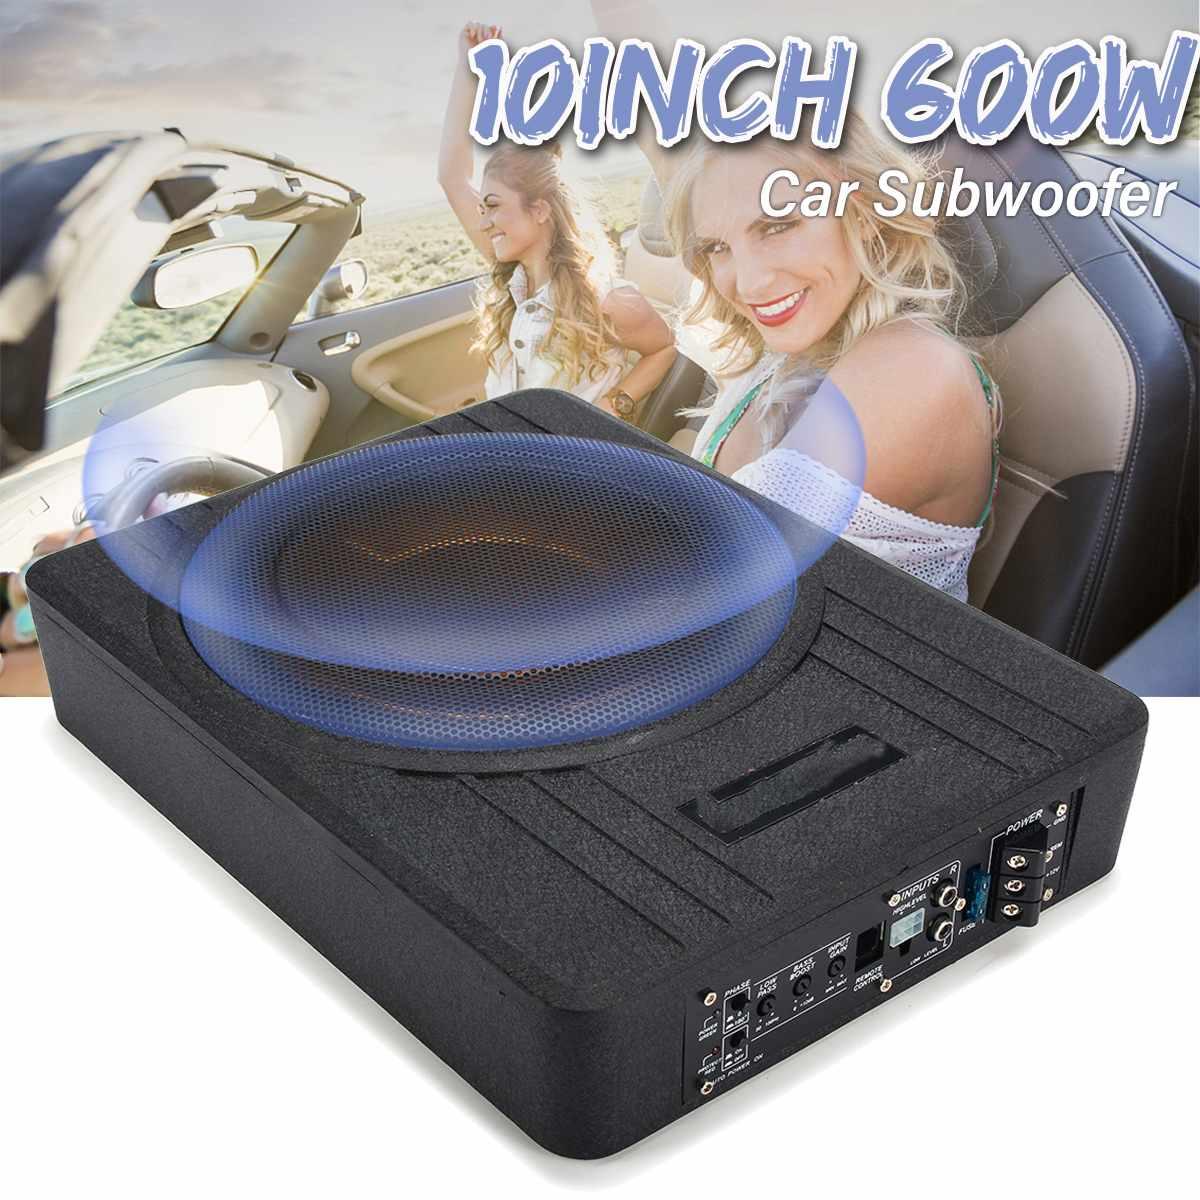 10 дюймов 600W саб Вуфер автомобильный аудио тонкий под сиденьем активный сабвуфер усилитель басов Динамик Автомобильный усилитель сабвуфера...